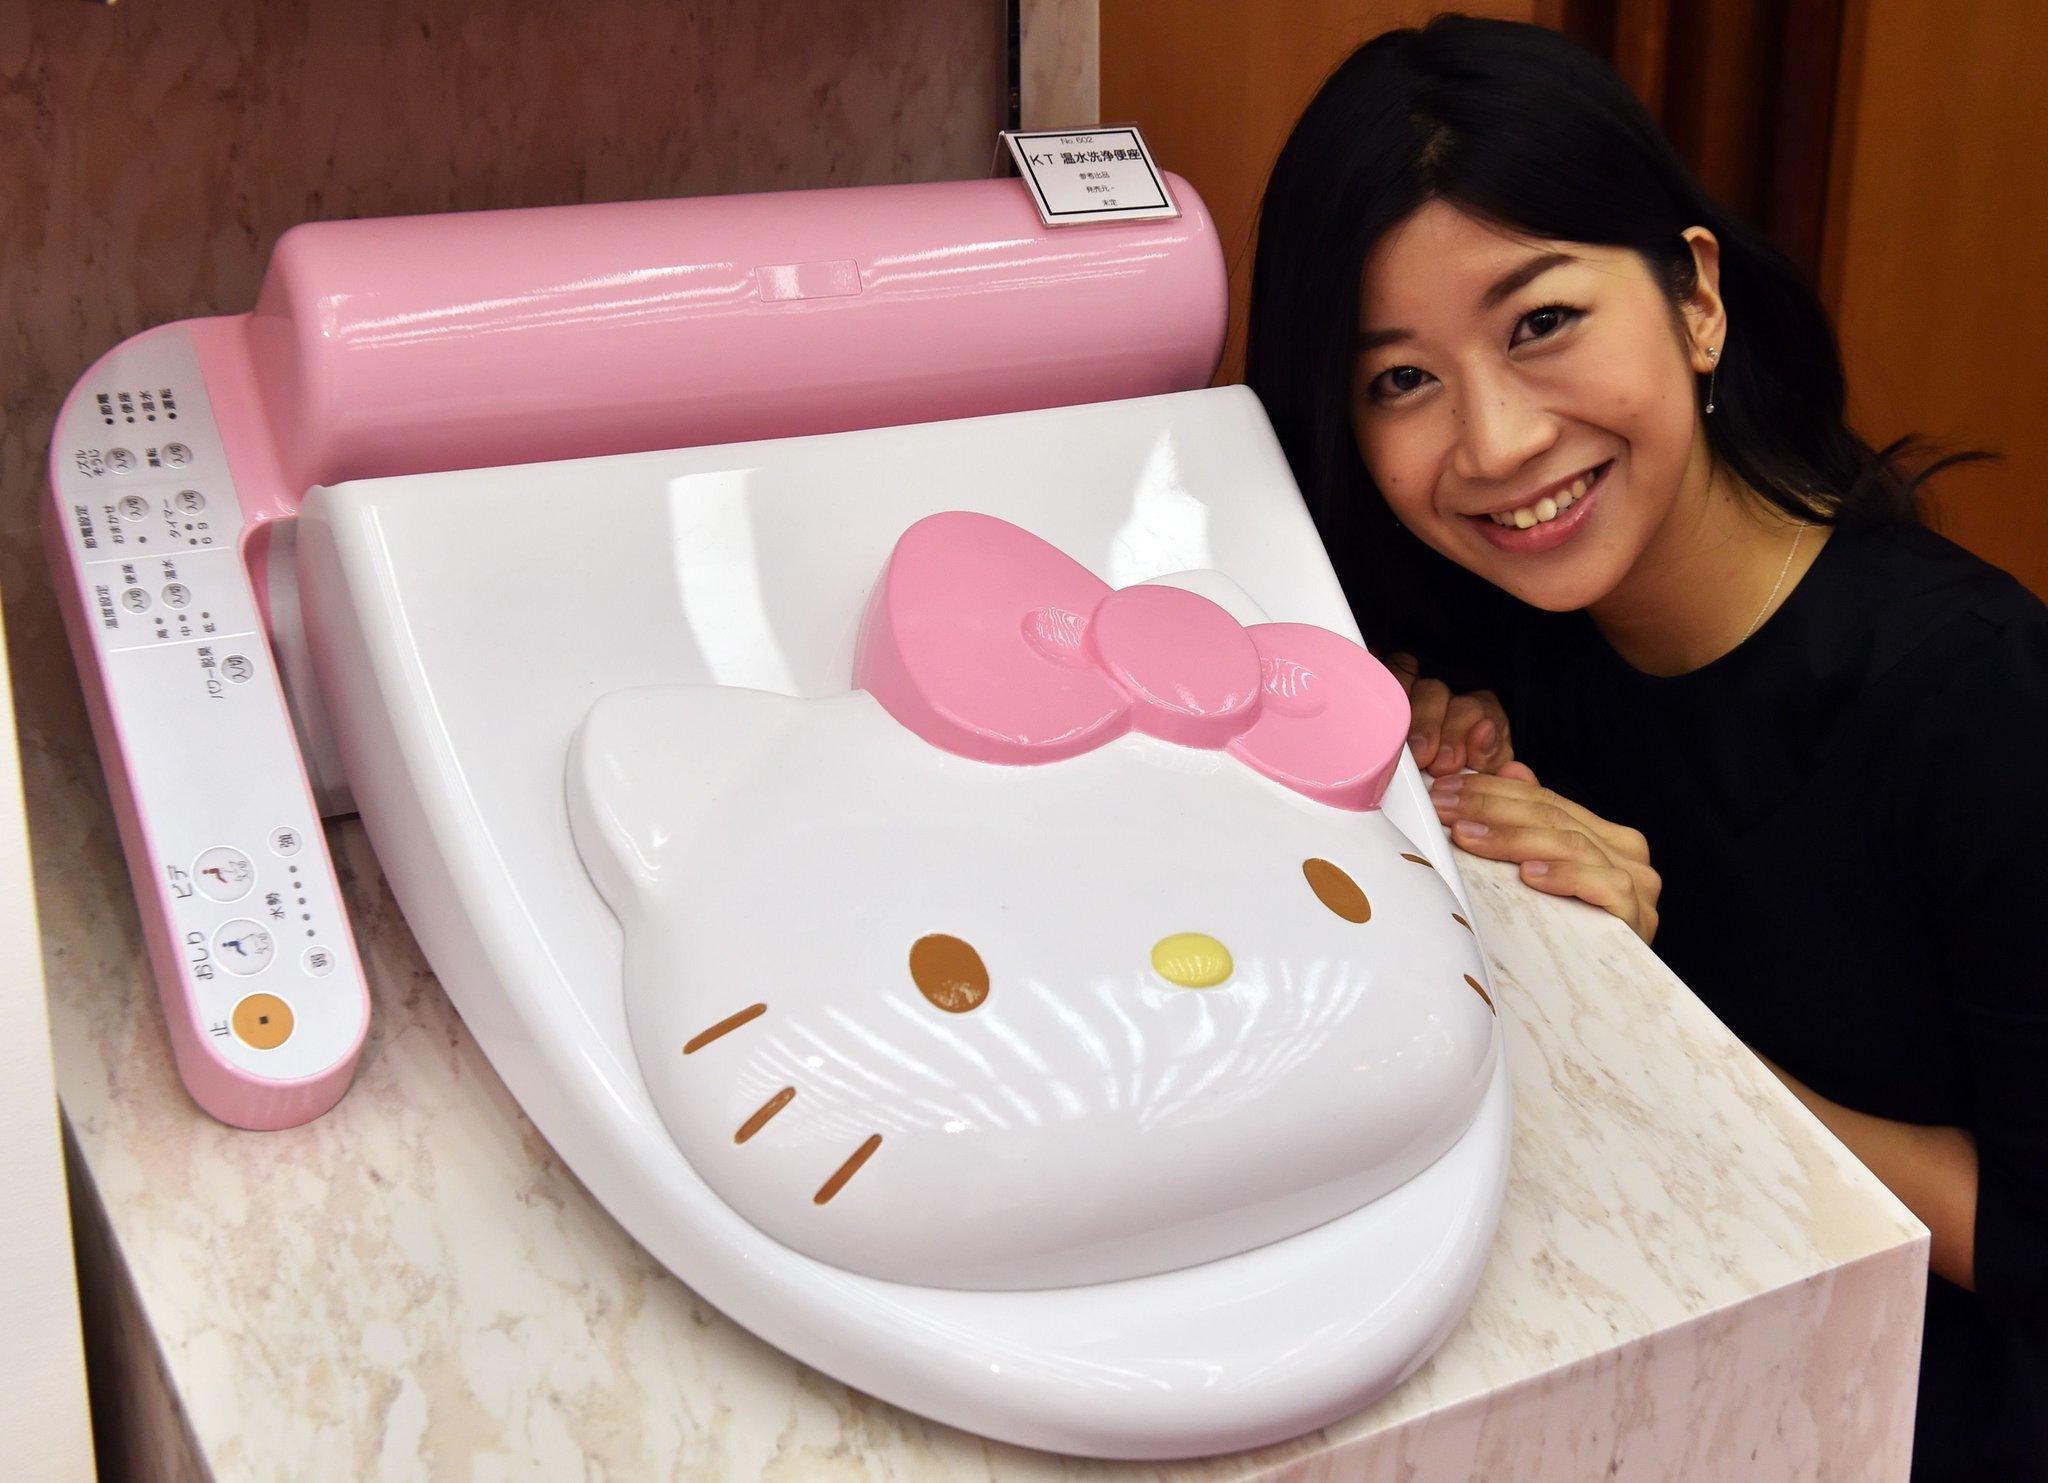 نتيجة بحث الصور عن متحف المراحيض في اليابان